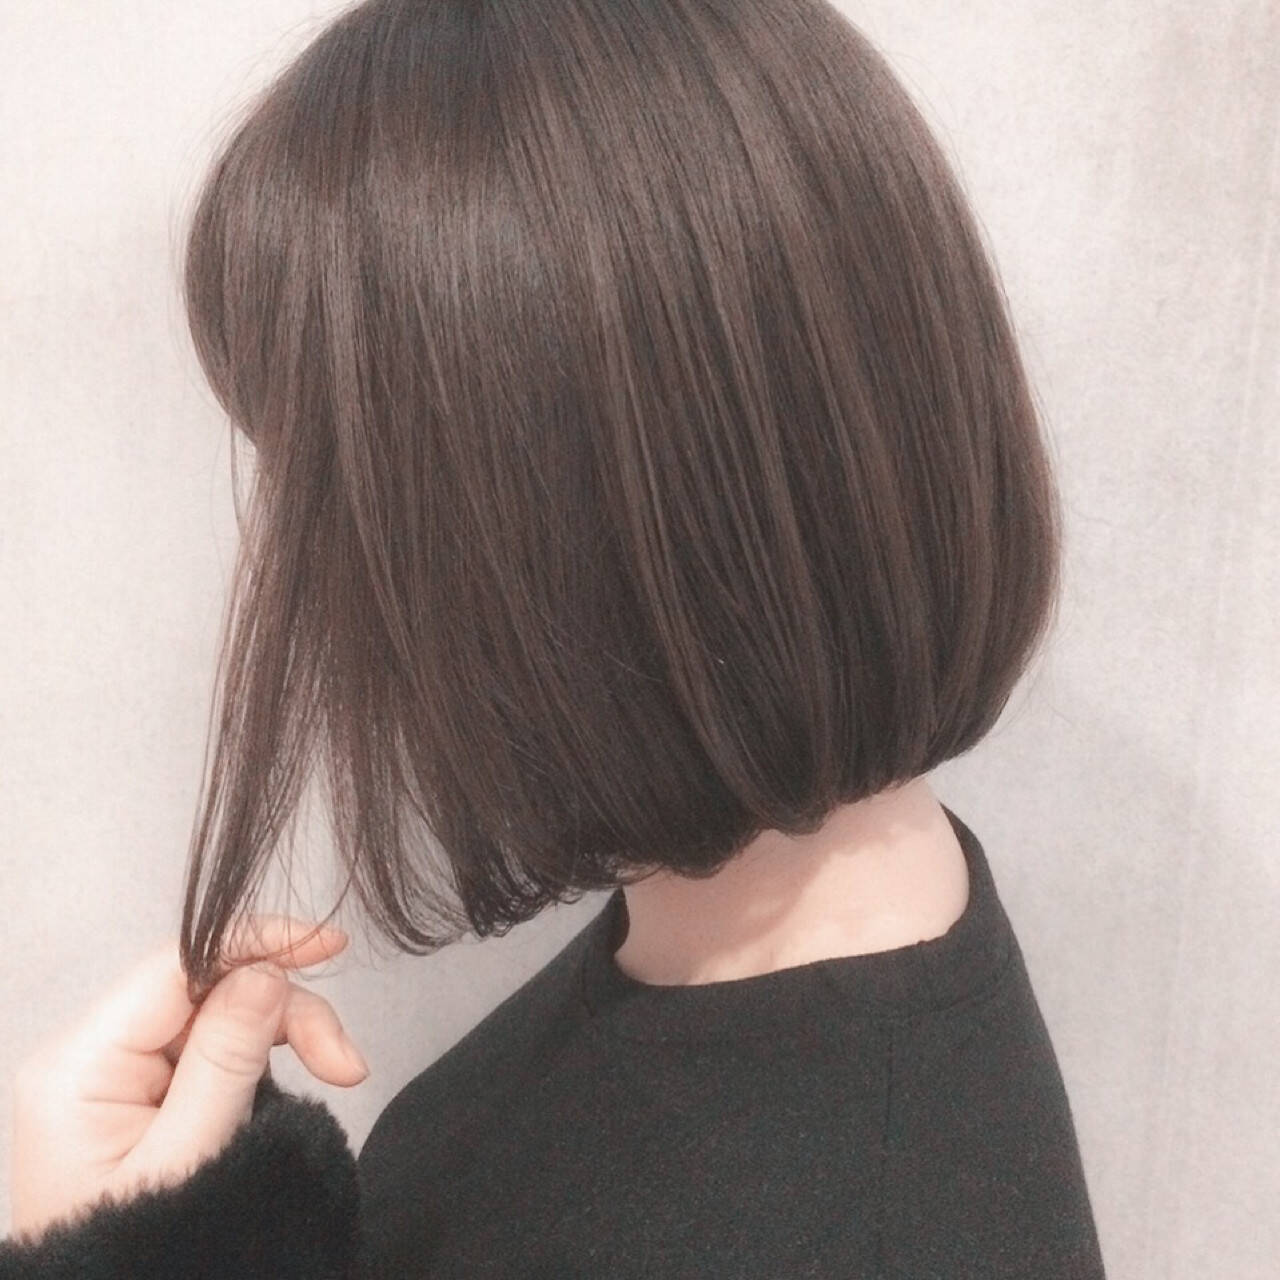 イルミナカラー 前下がり ボブ ナチュラルヘアスタイルや髪型の写真・画像